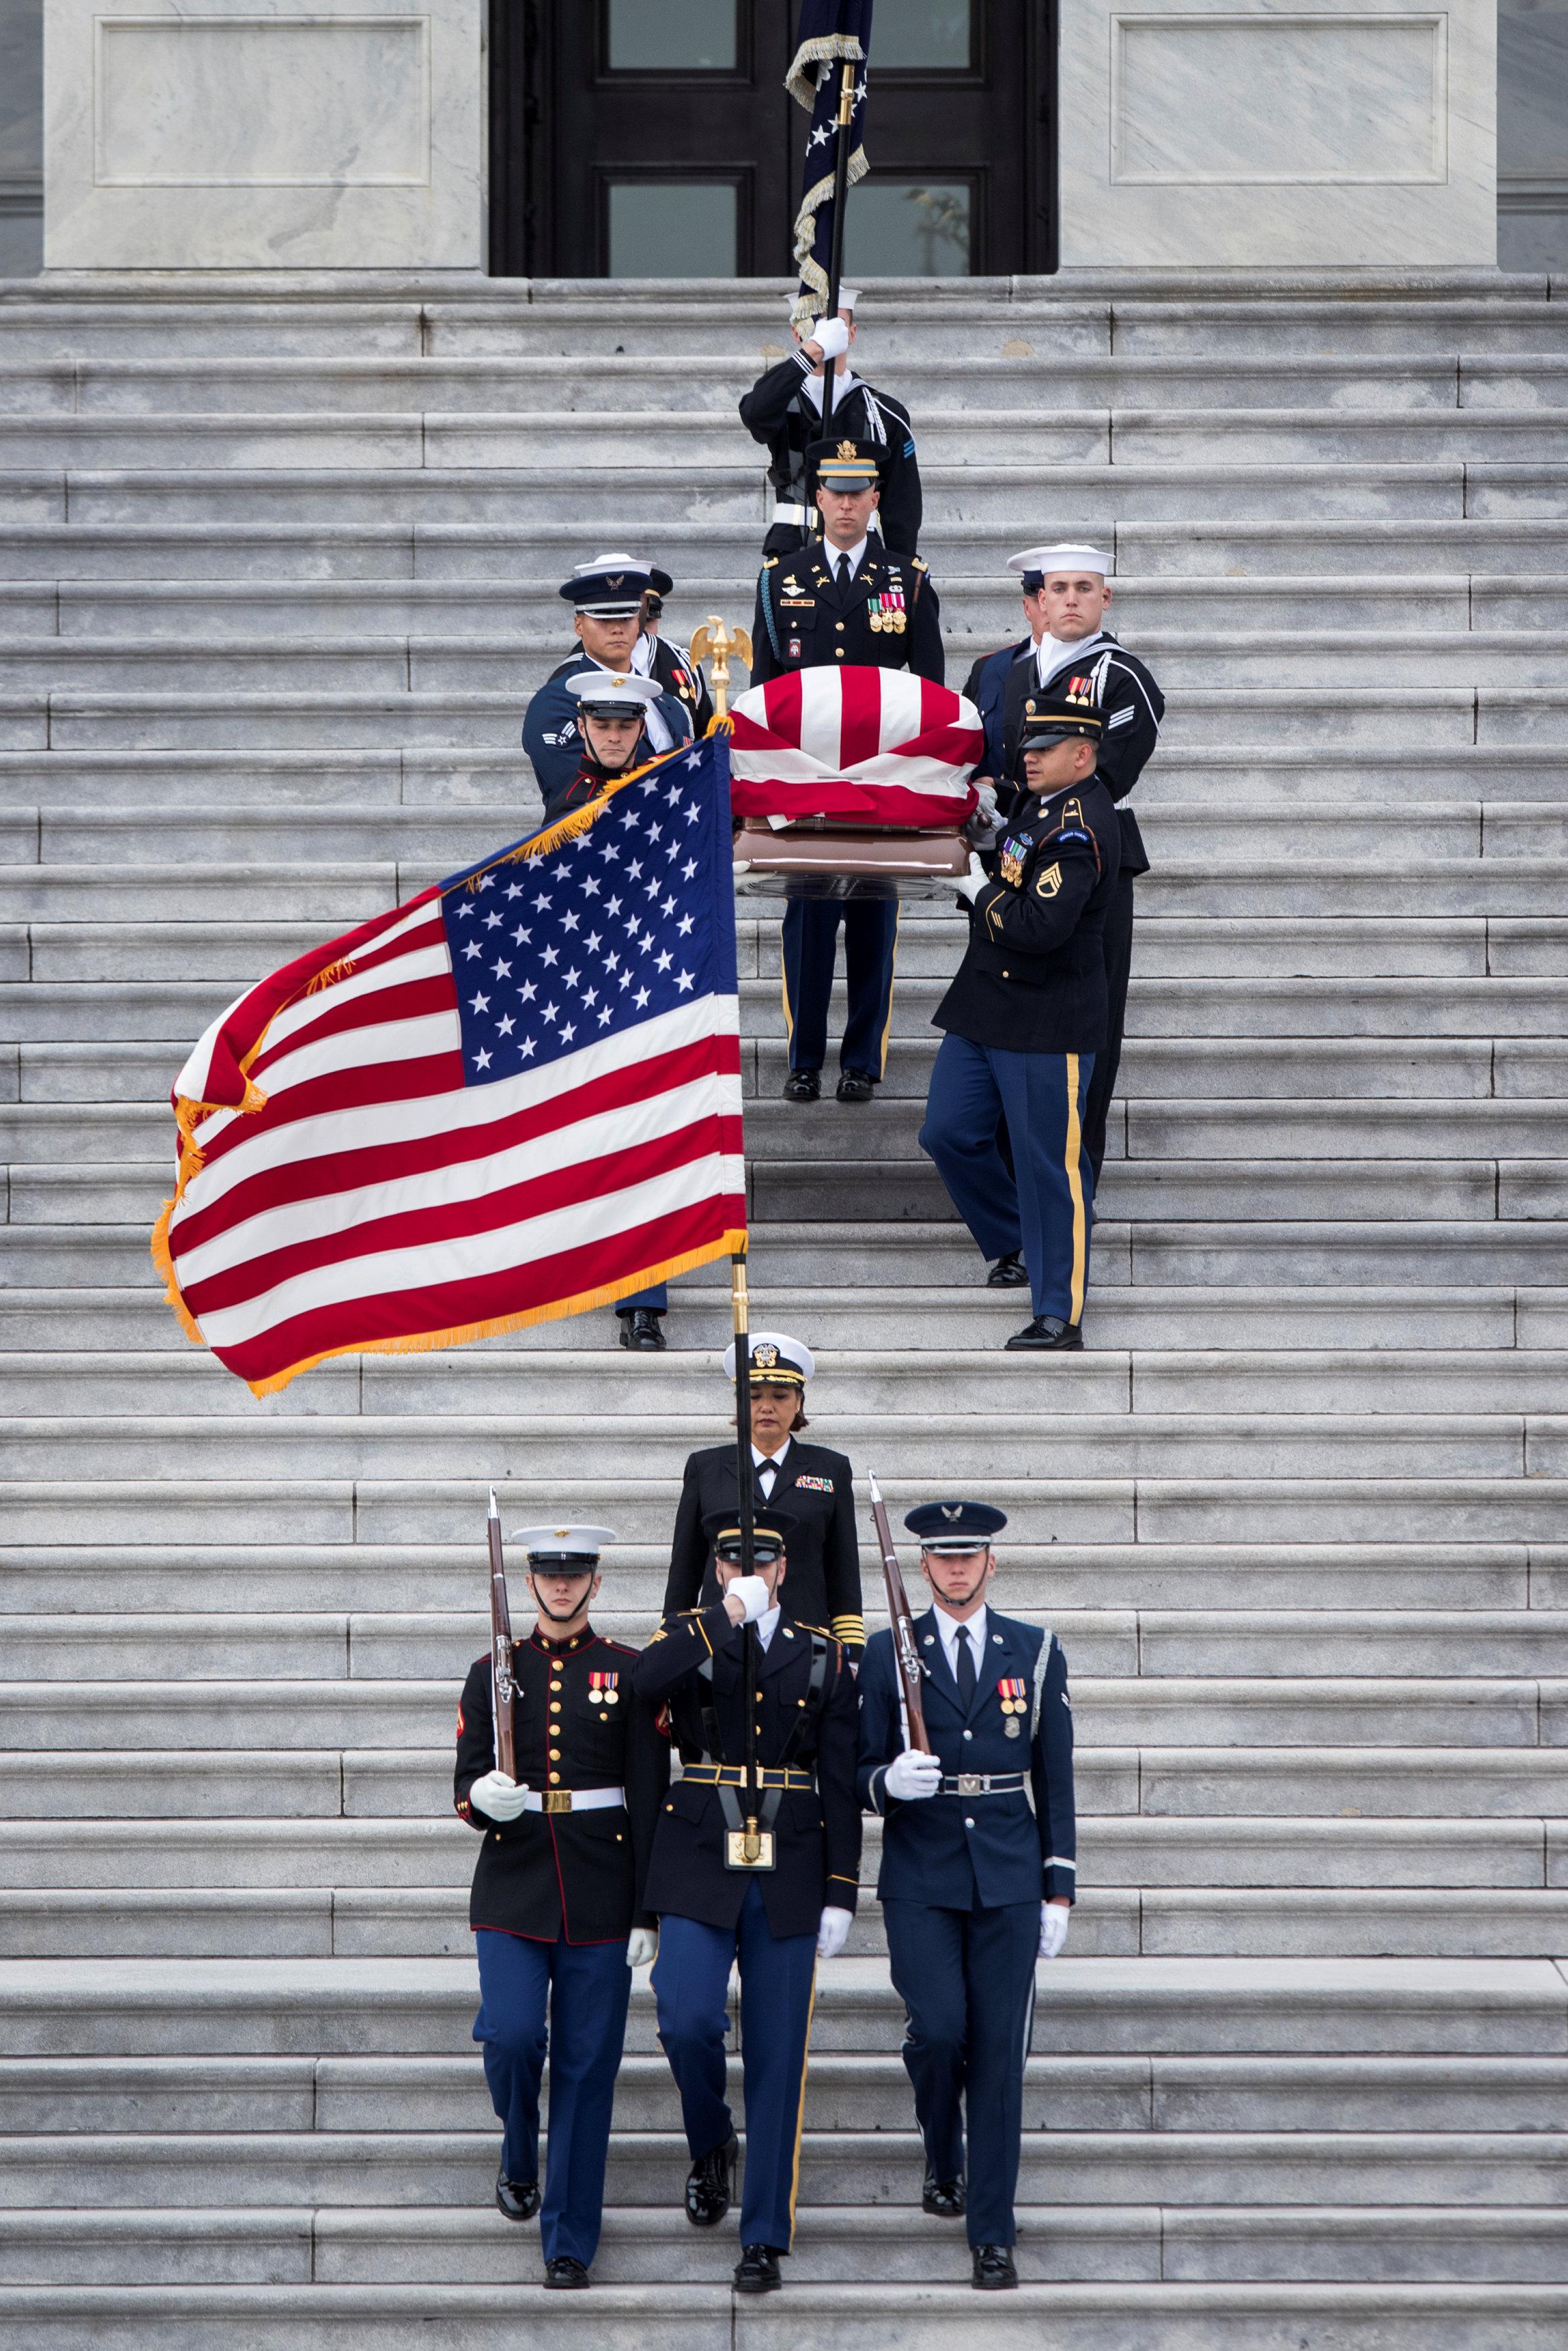 انطلاق مراسم جنازة الرئيس الأمريكى جورج بوش الأب (15)